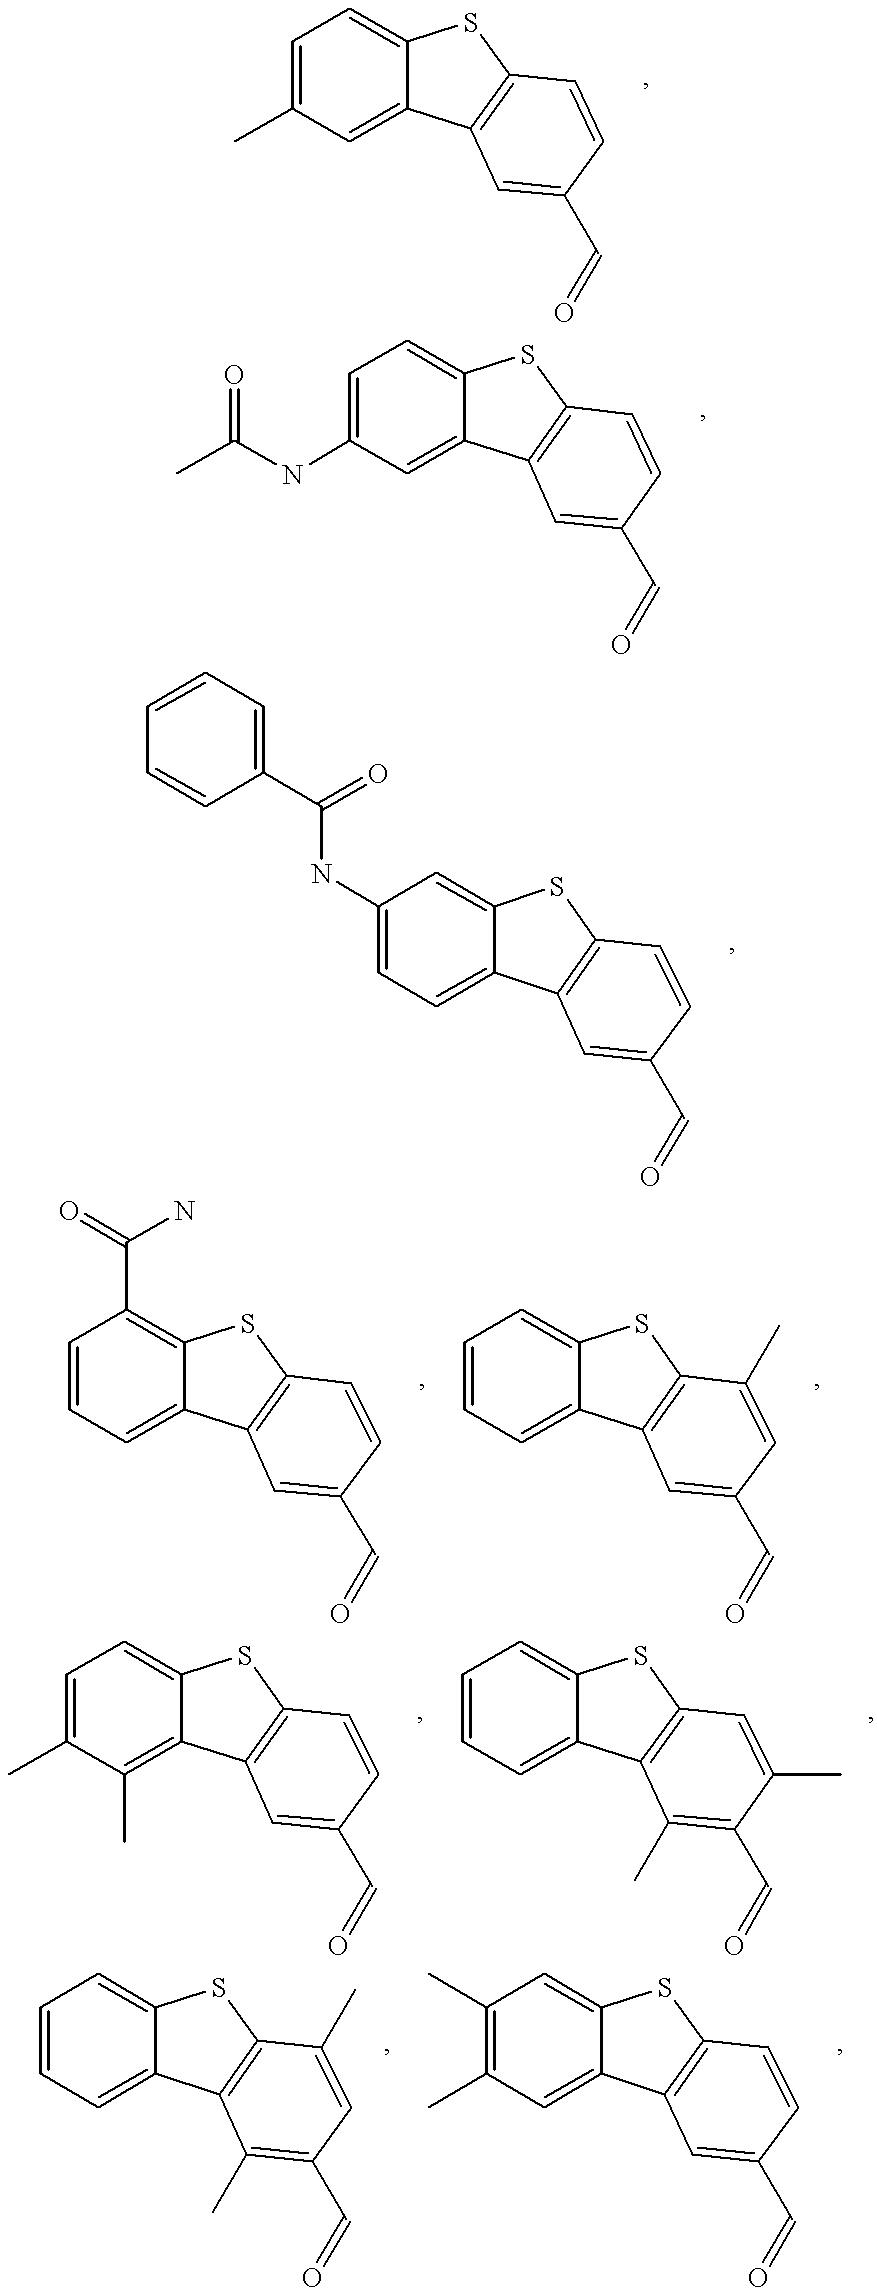 Figure US06514981-20030204-C00061